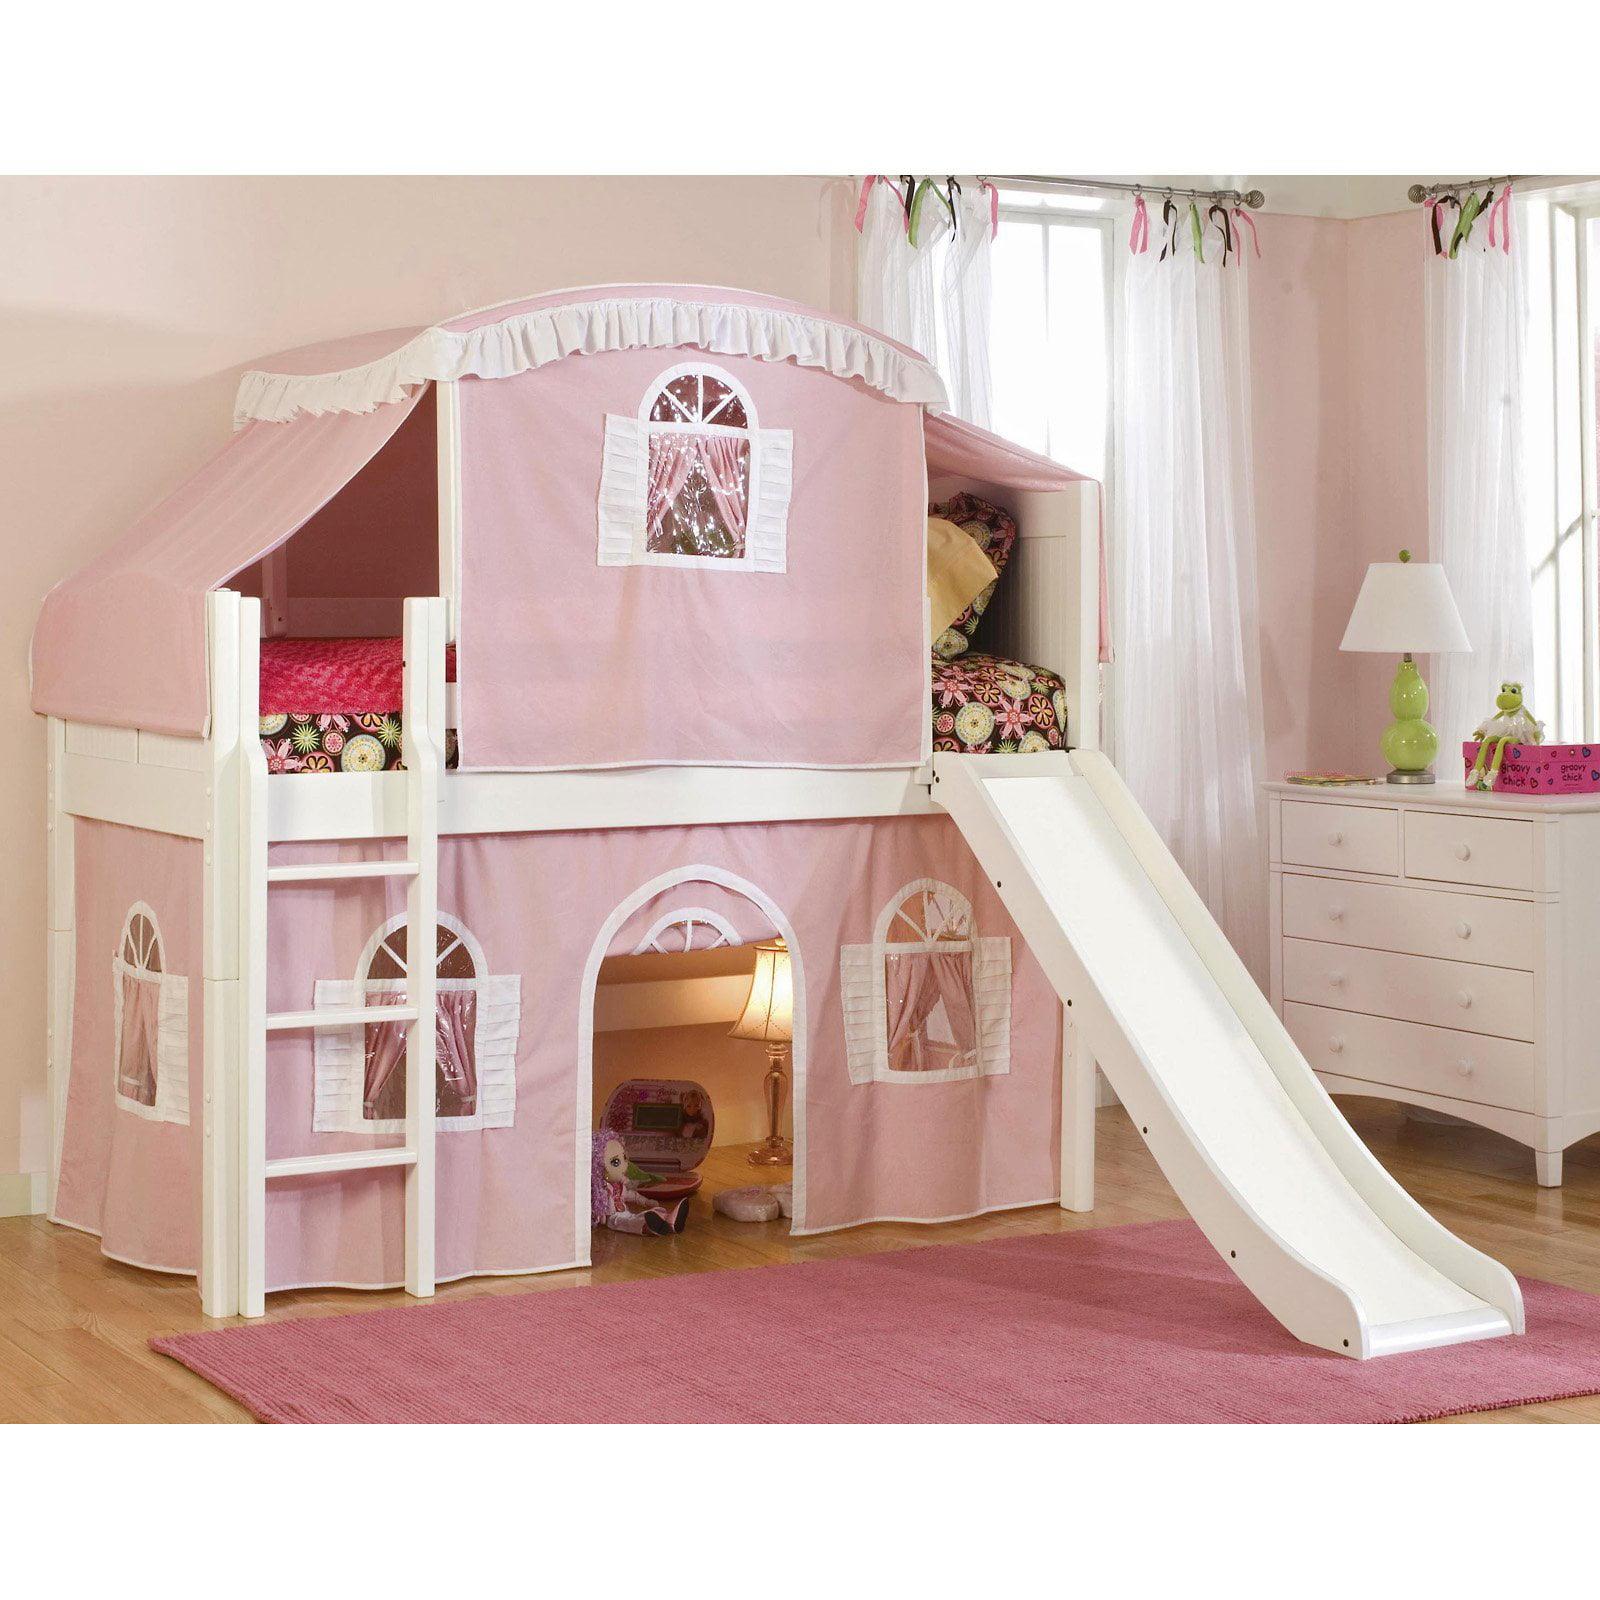 Bolton Cottage Premium Low Loft Tent Bed